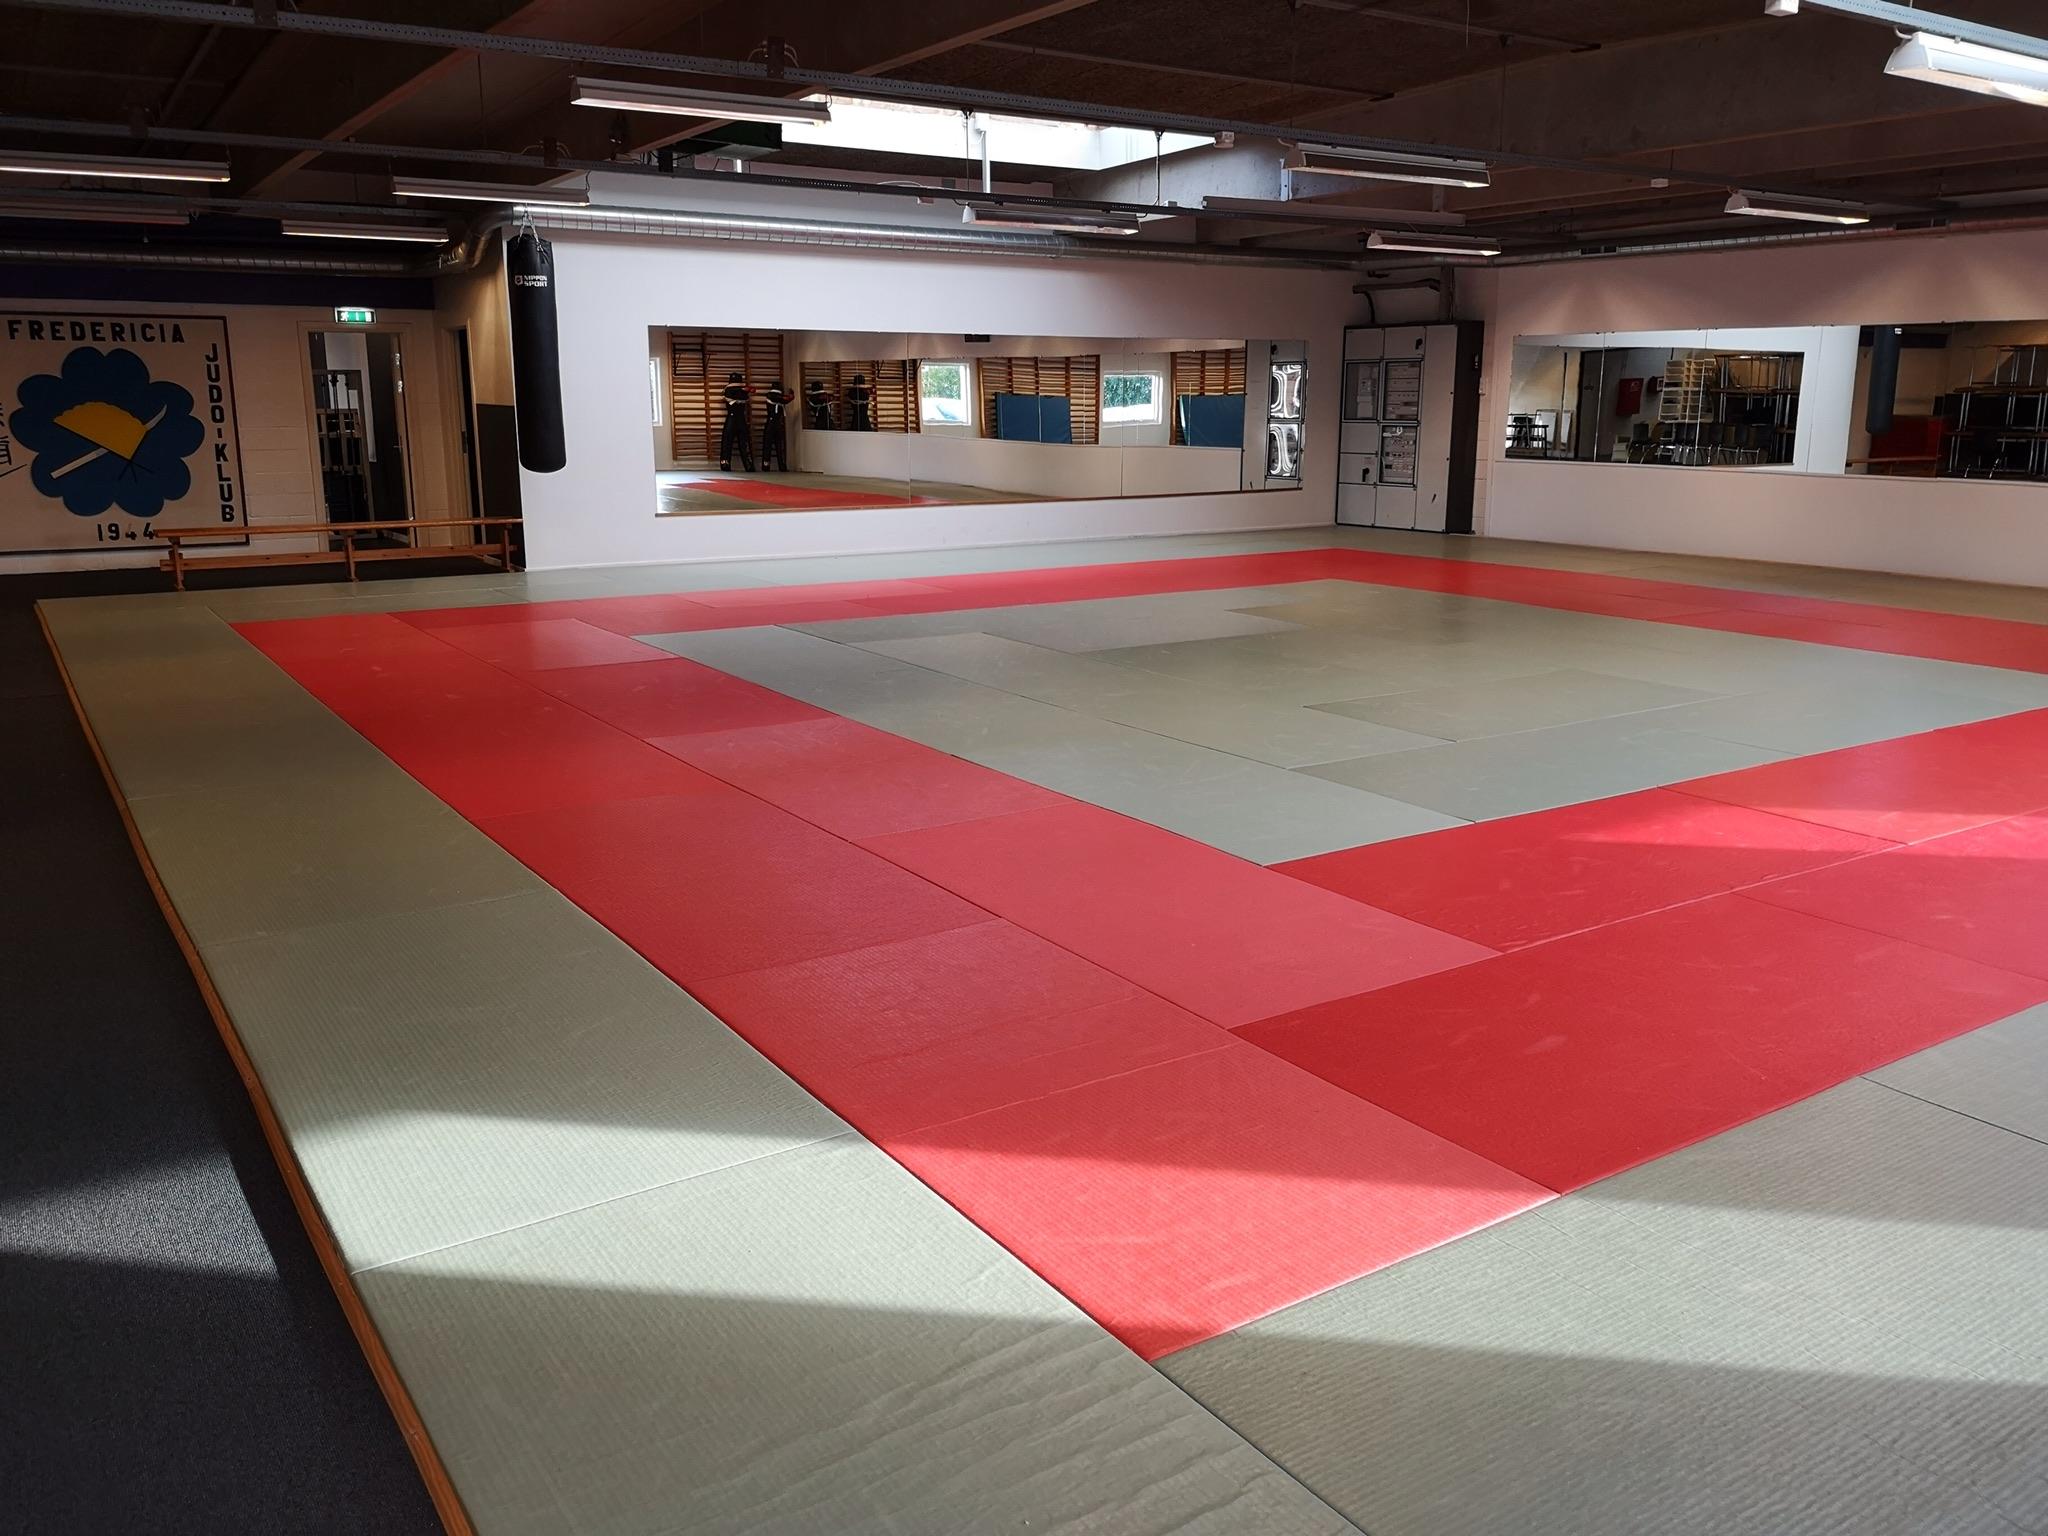 Judo og ju-jutsuklub glæder sig til sæsonstart i nye lokaler med nye tilbud